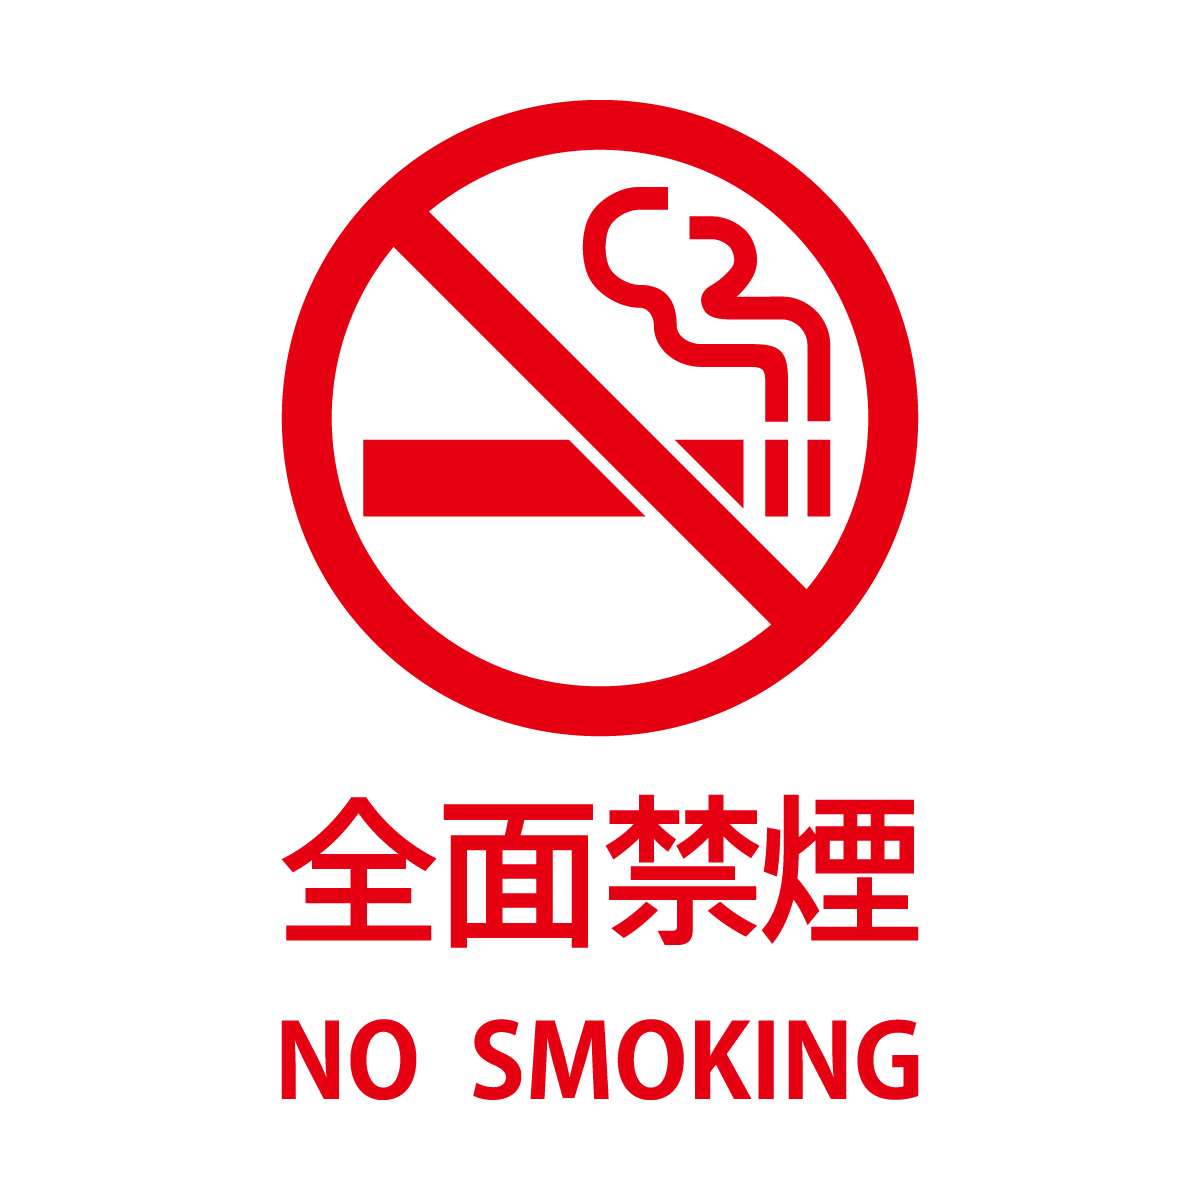 赤色の禁煙 シール ステッカー(全面禁煙 NO SMOKING テキスト付き)のカッティングステッカー・シール